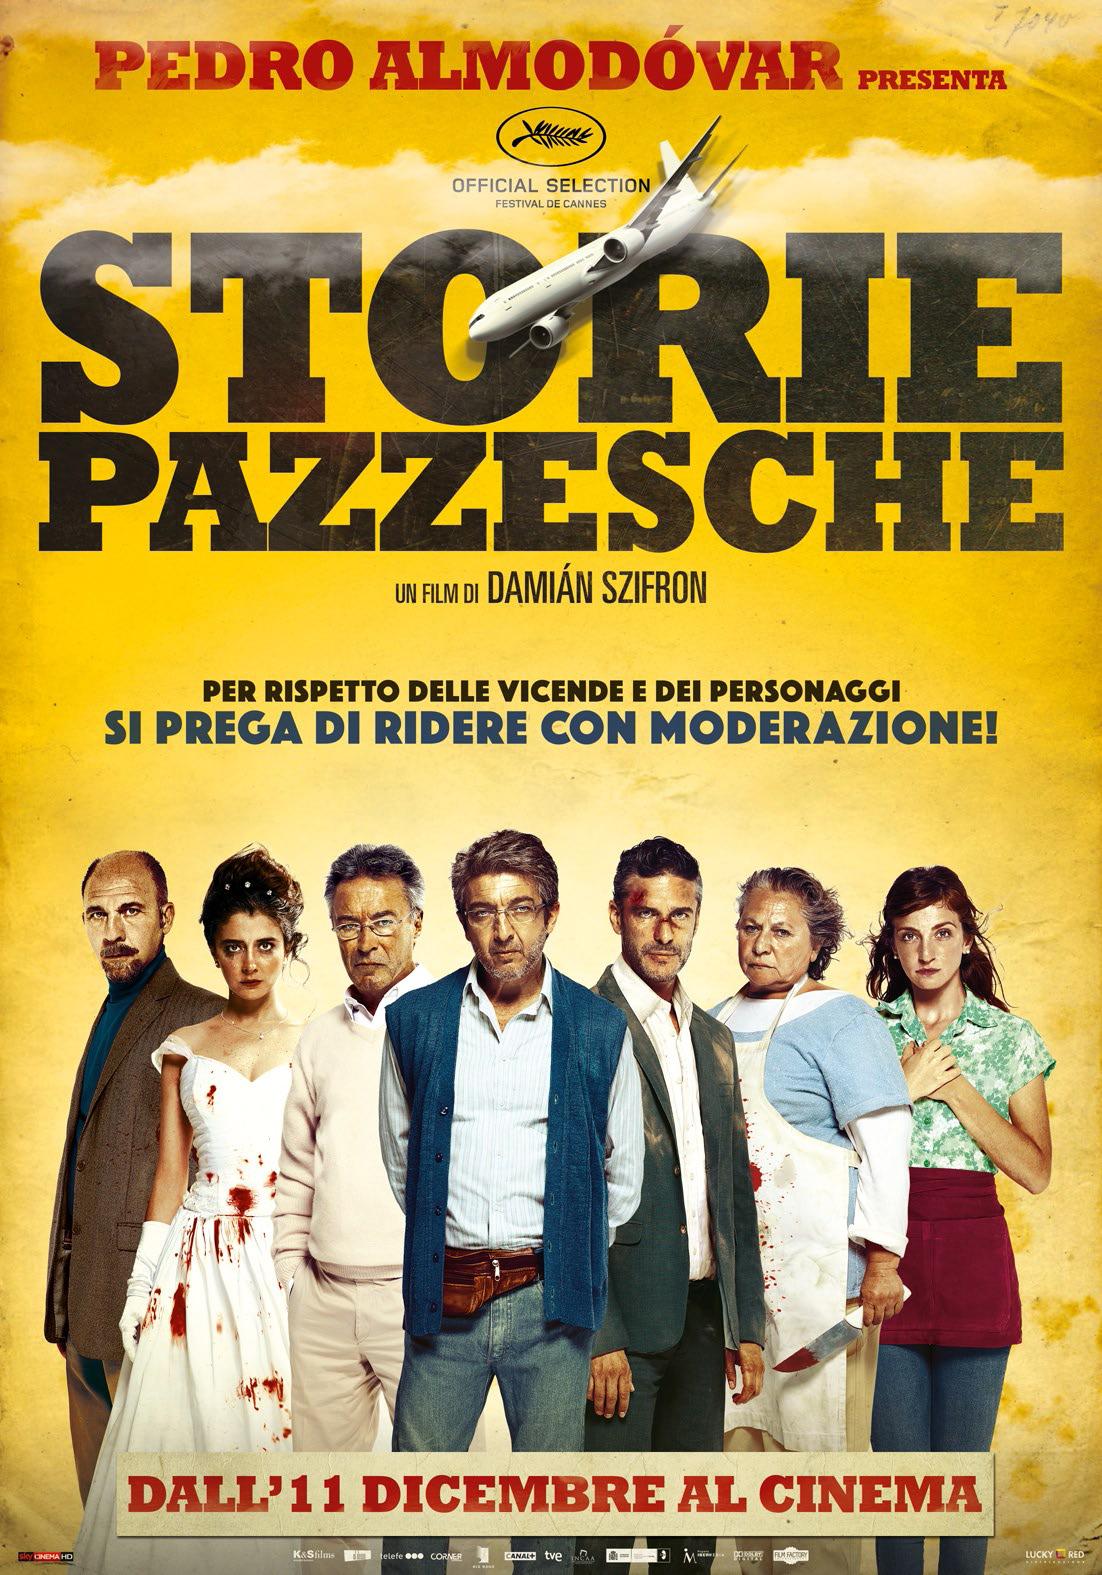 STORIE-PAZZESCHE-L